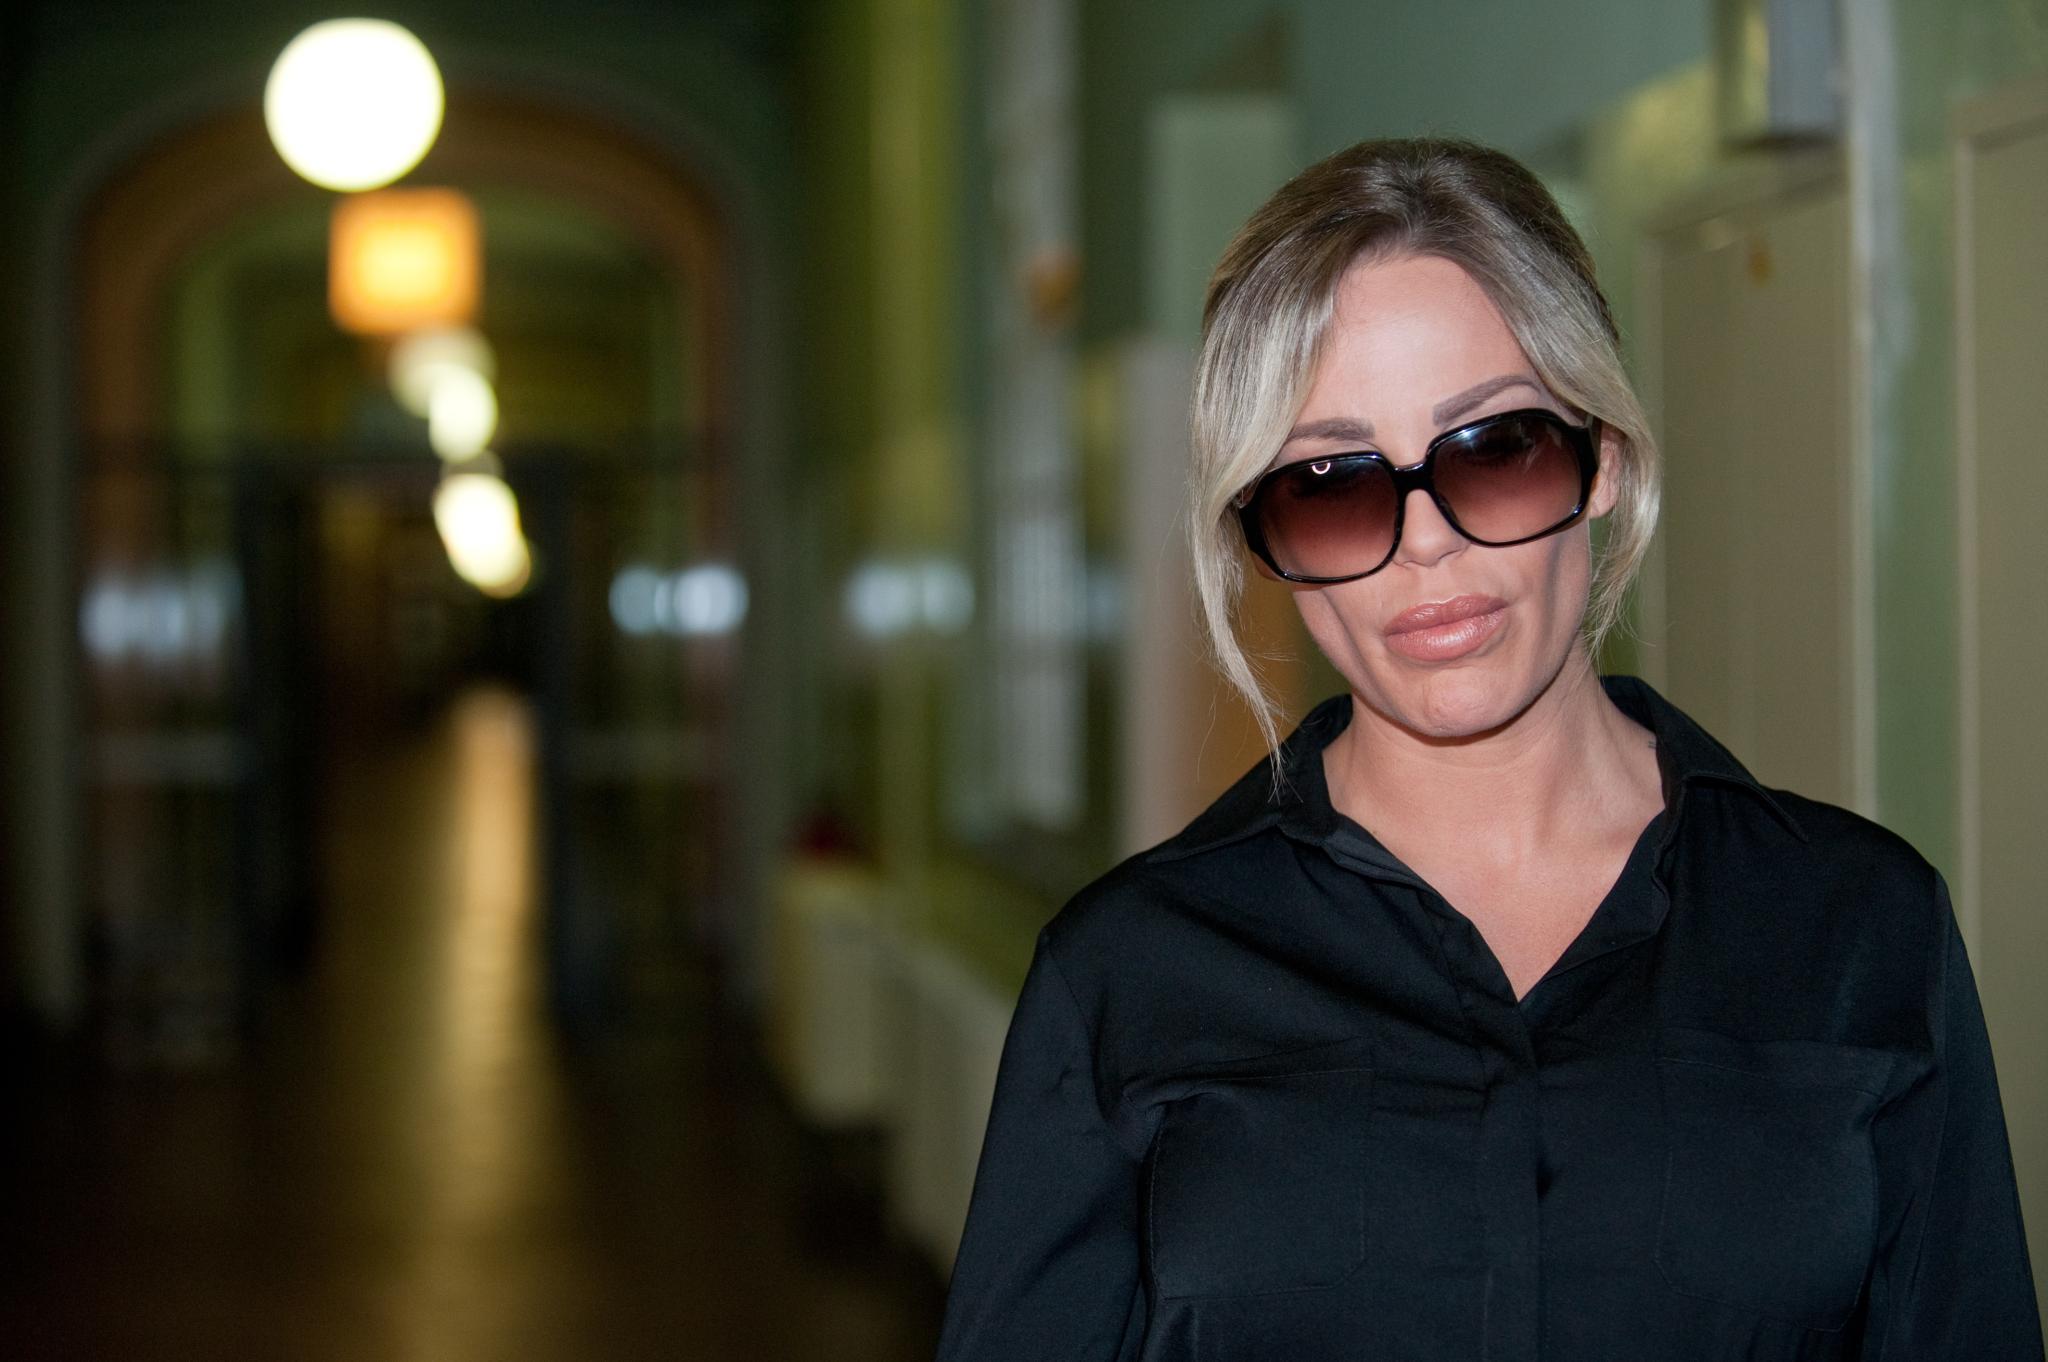 Gina-Lisa Lohfink: Endlich ist das Video gelöscht | GALA.de